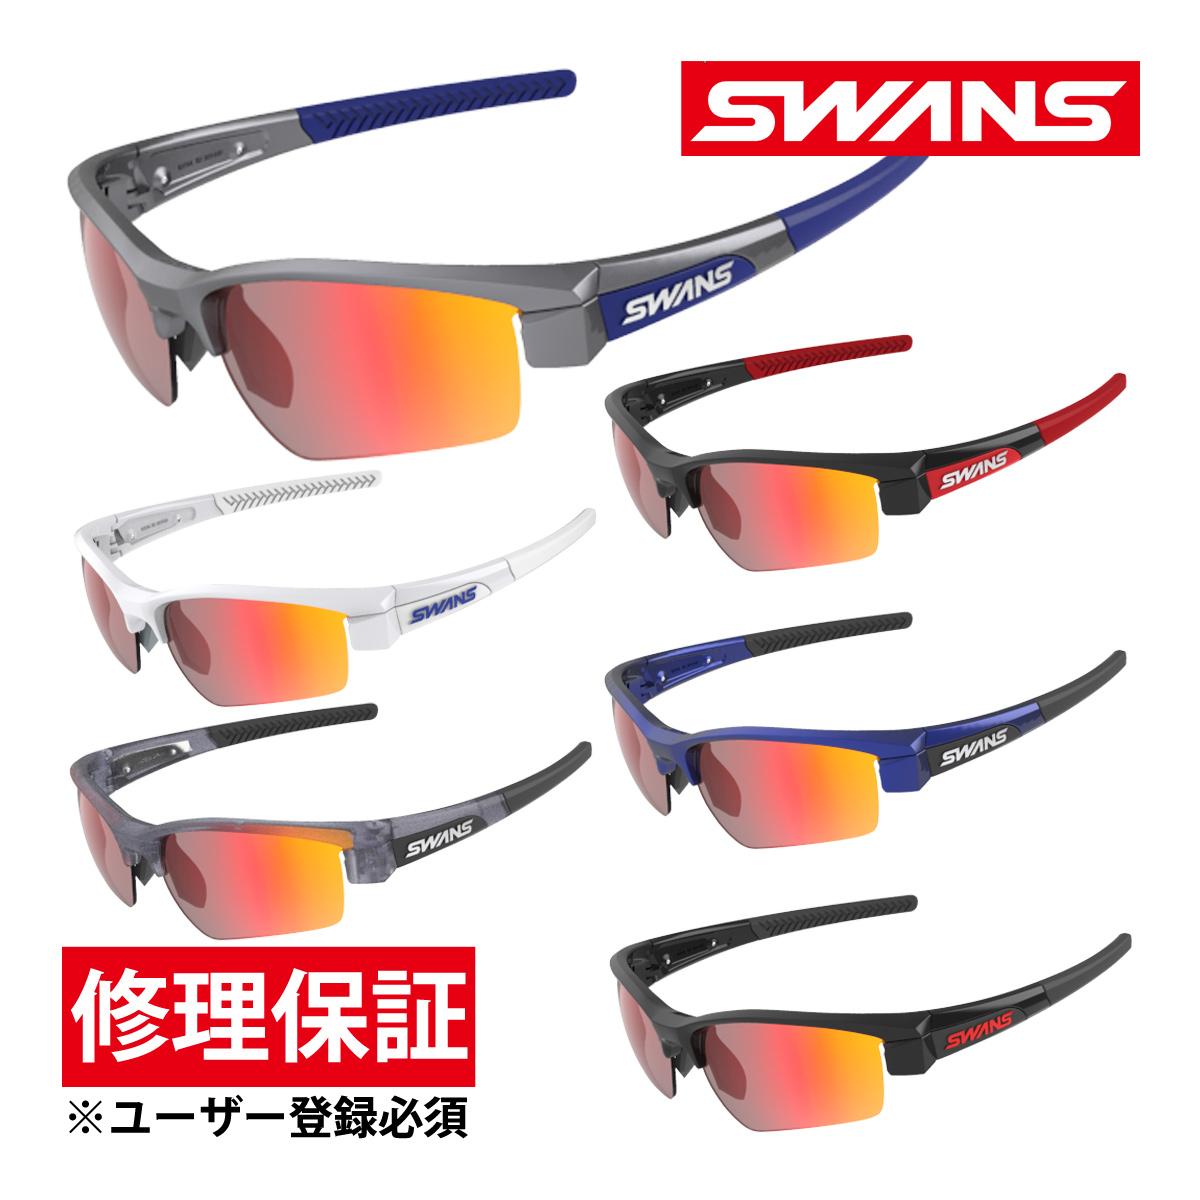 サングラス ミラーレンズ レッドシャドーミラー×スモーク ドライブ ゴルフ スポーツ メンズ レディース LION SIN フレーム+L-LI SIN-1701 RSHD おすすめ 人気 SWANS スワンズ